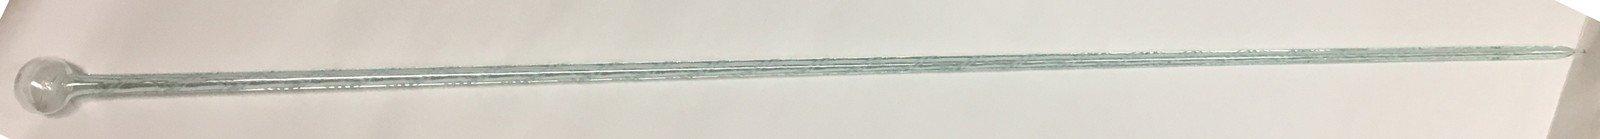 Baton, or cane